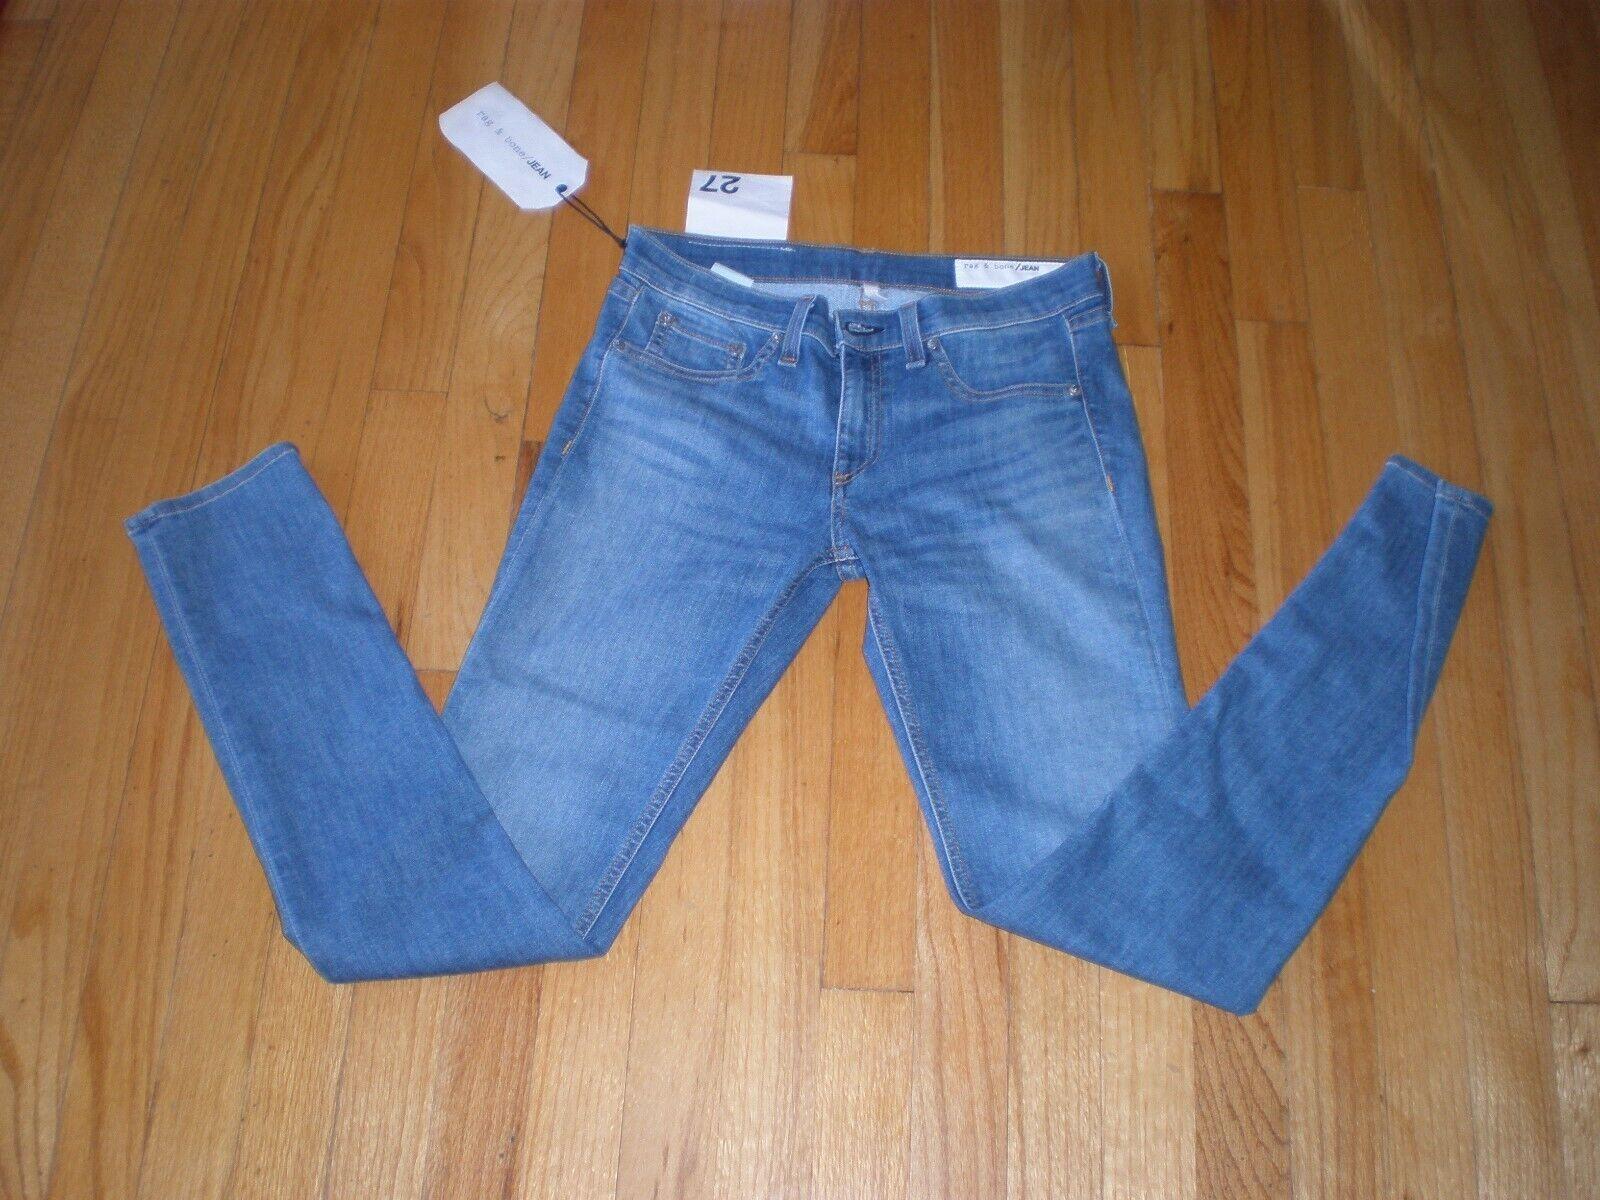 Nouveau Rag & Bone 27 Cheville Jean Skinny Prescott Stretch Bleu Pantalon se vend 225